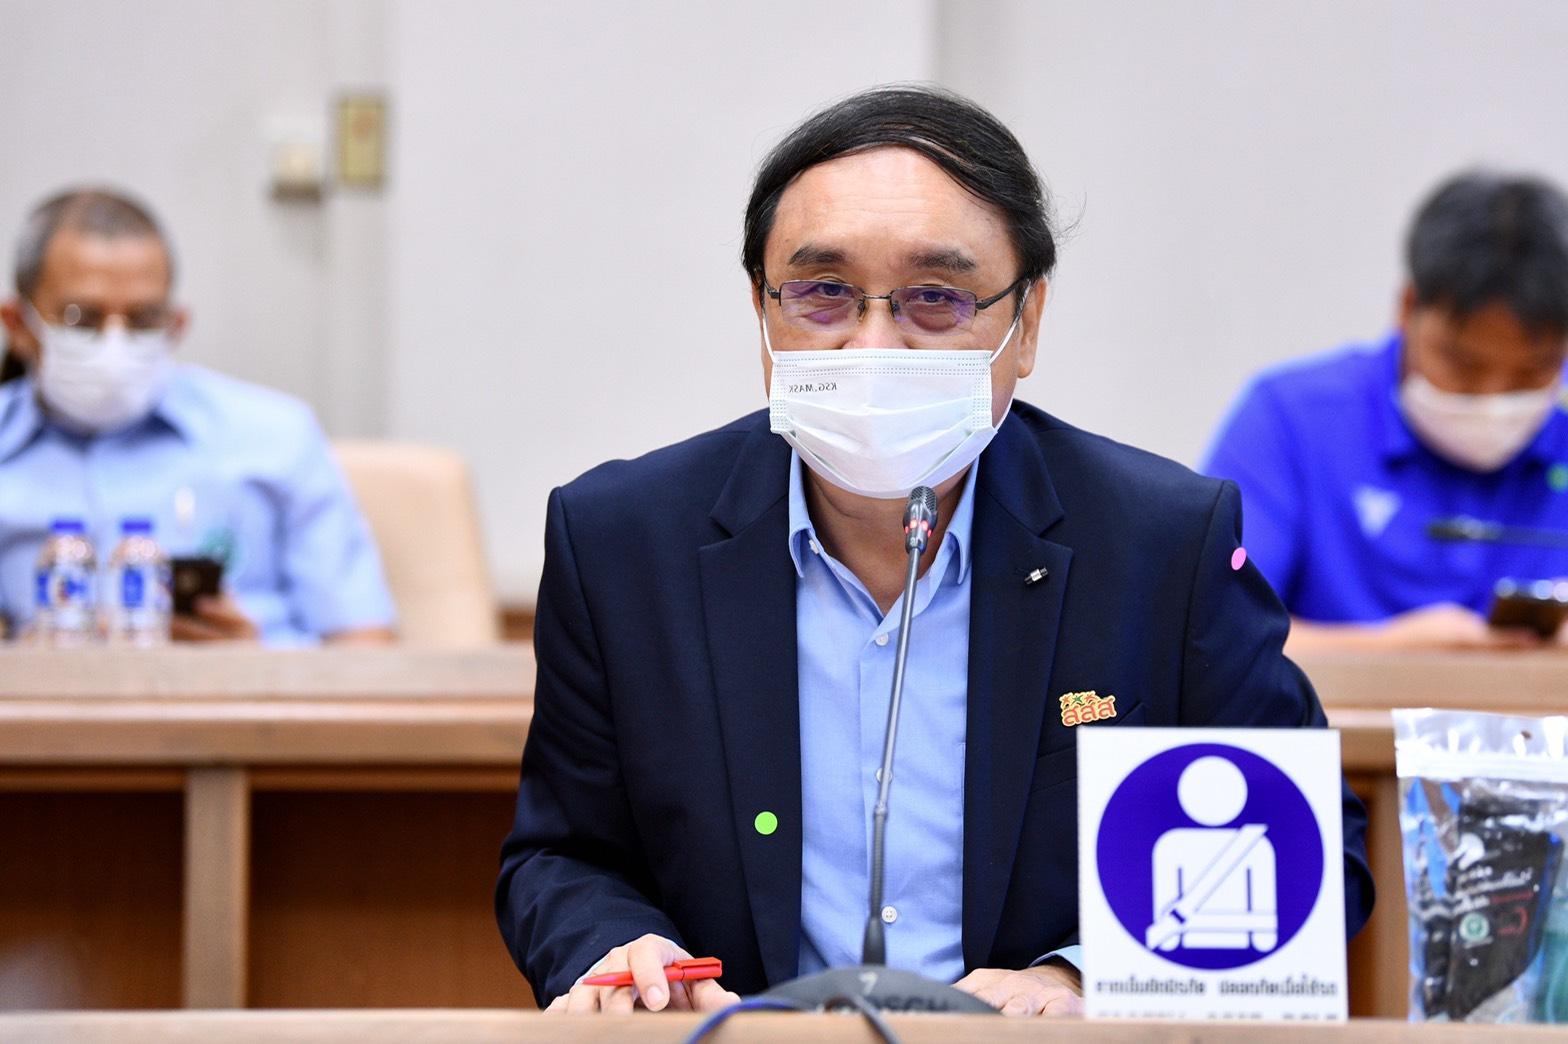 """คาถาปีใหม่ ปลอดโรคปลอดภัย """"ขับไม่ดื่ม ดื่มไม่ขับ""""  thaihealth"""